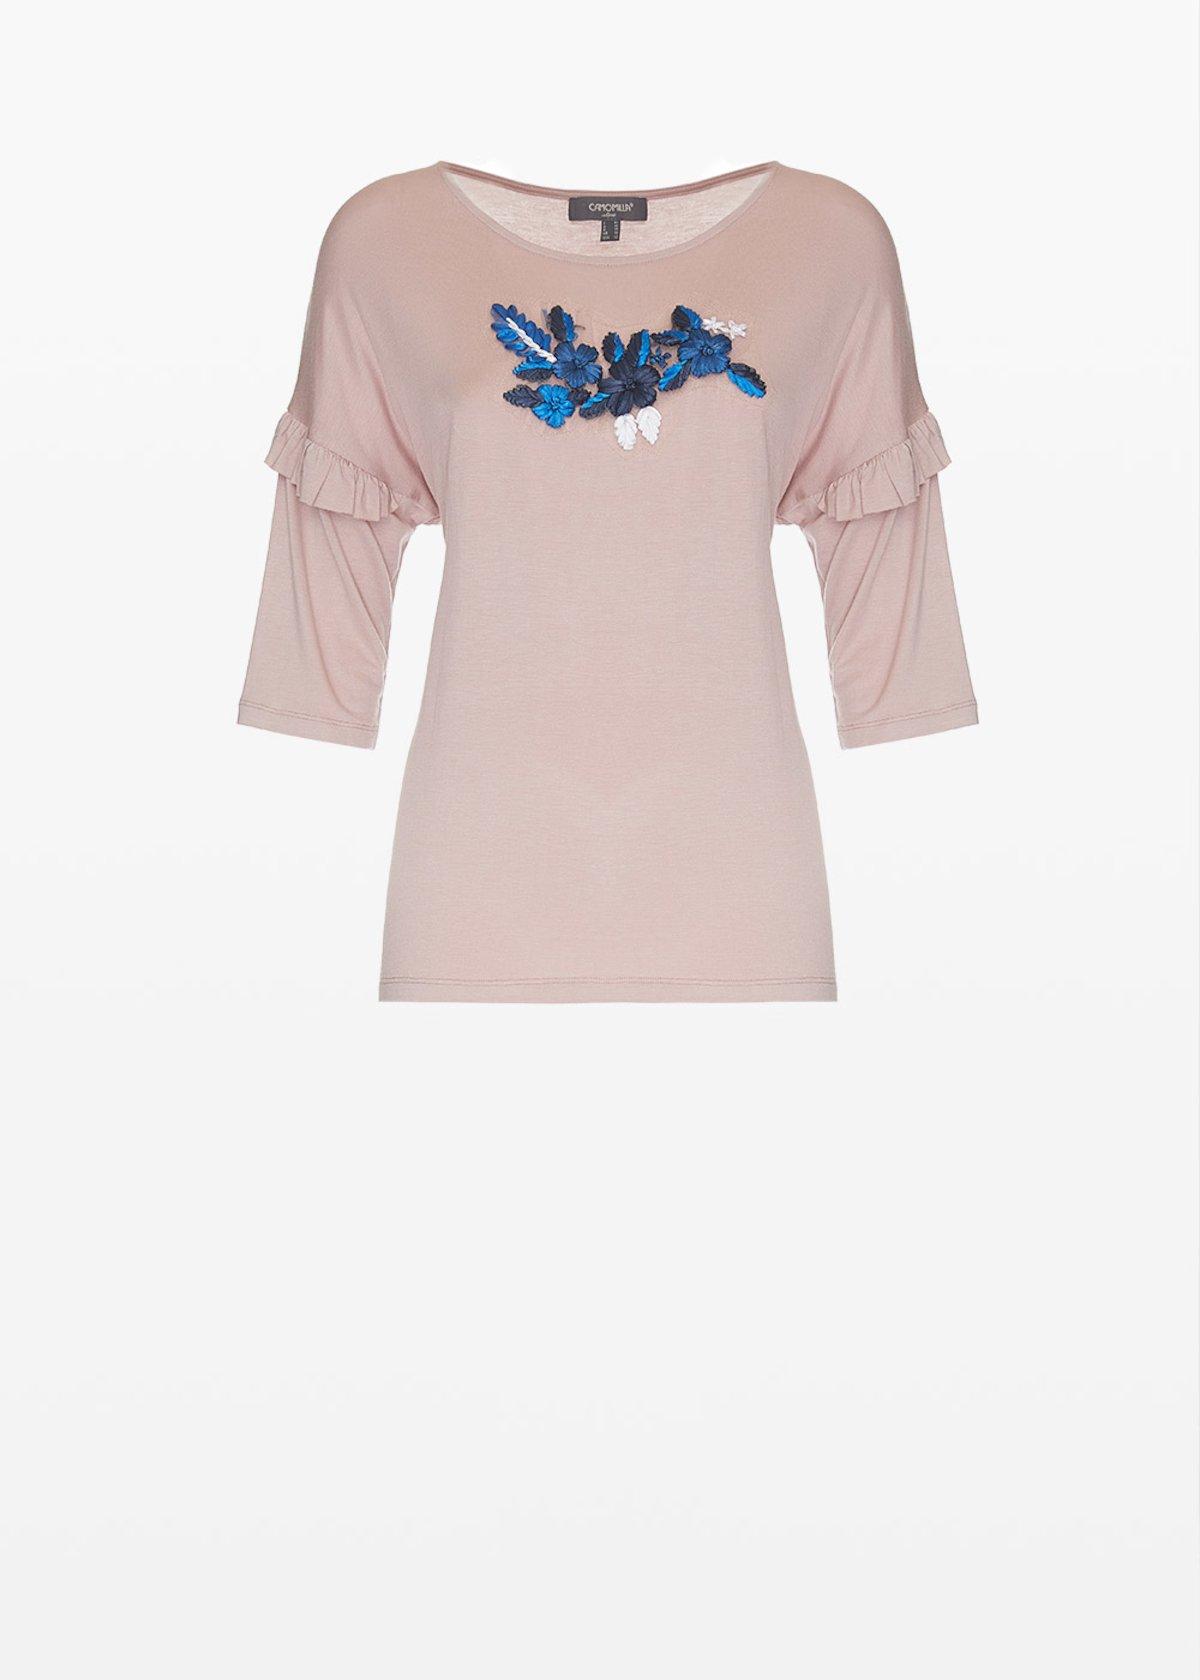 T-shirt Shady in jersey con ricamo flowers sul davanti - Calcite - Donna - Immagine categoria